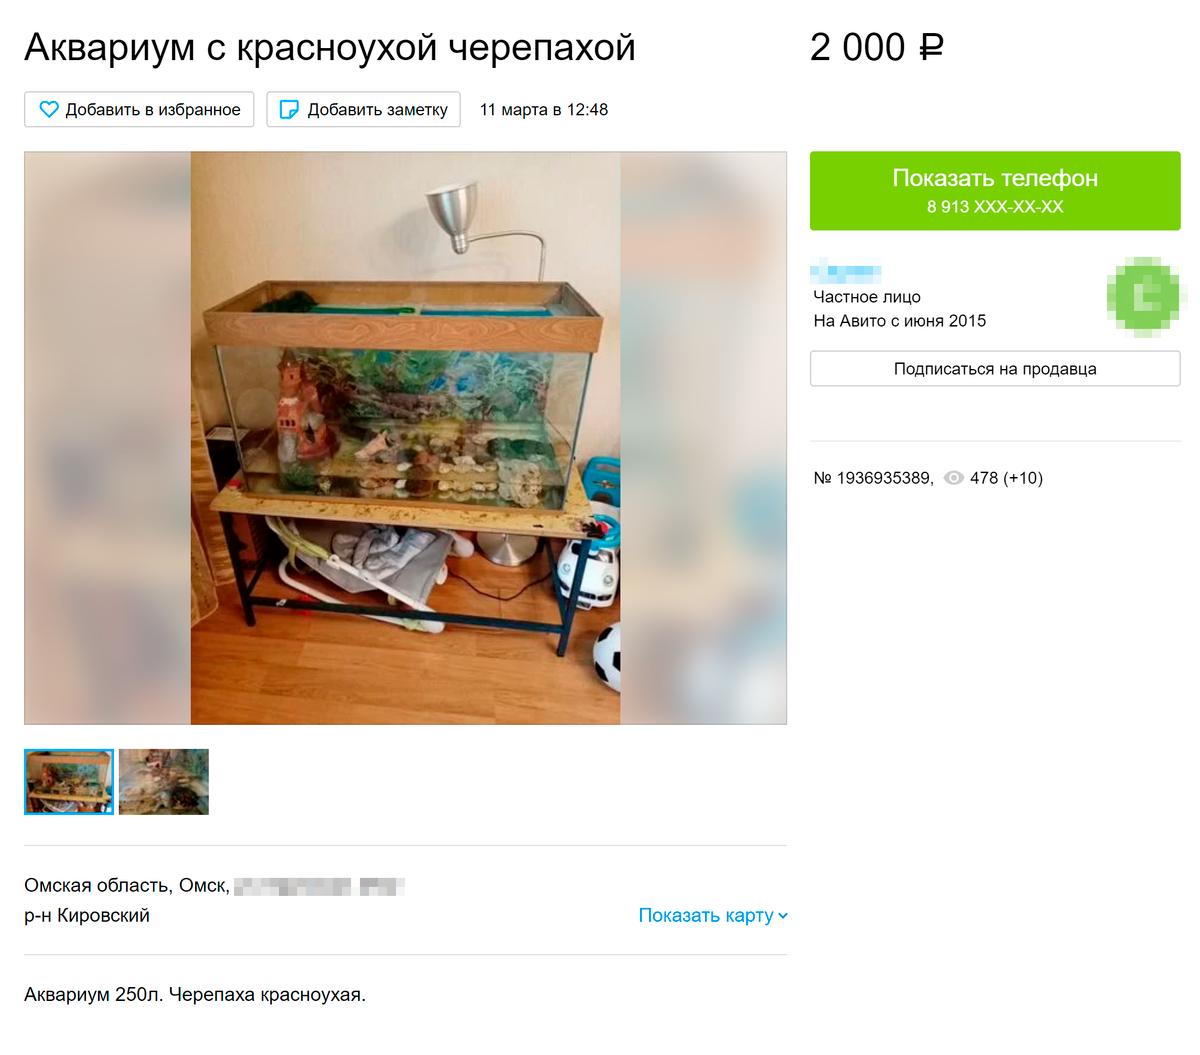 Вот продают маленькую черепашку с аквариумом за 2000<span class=ruble>Р</span>. Источник: «Авито»